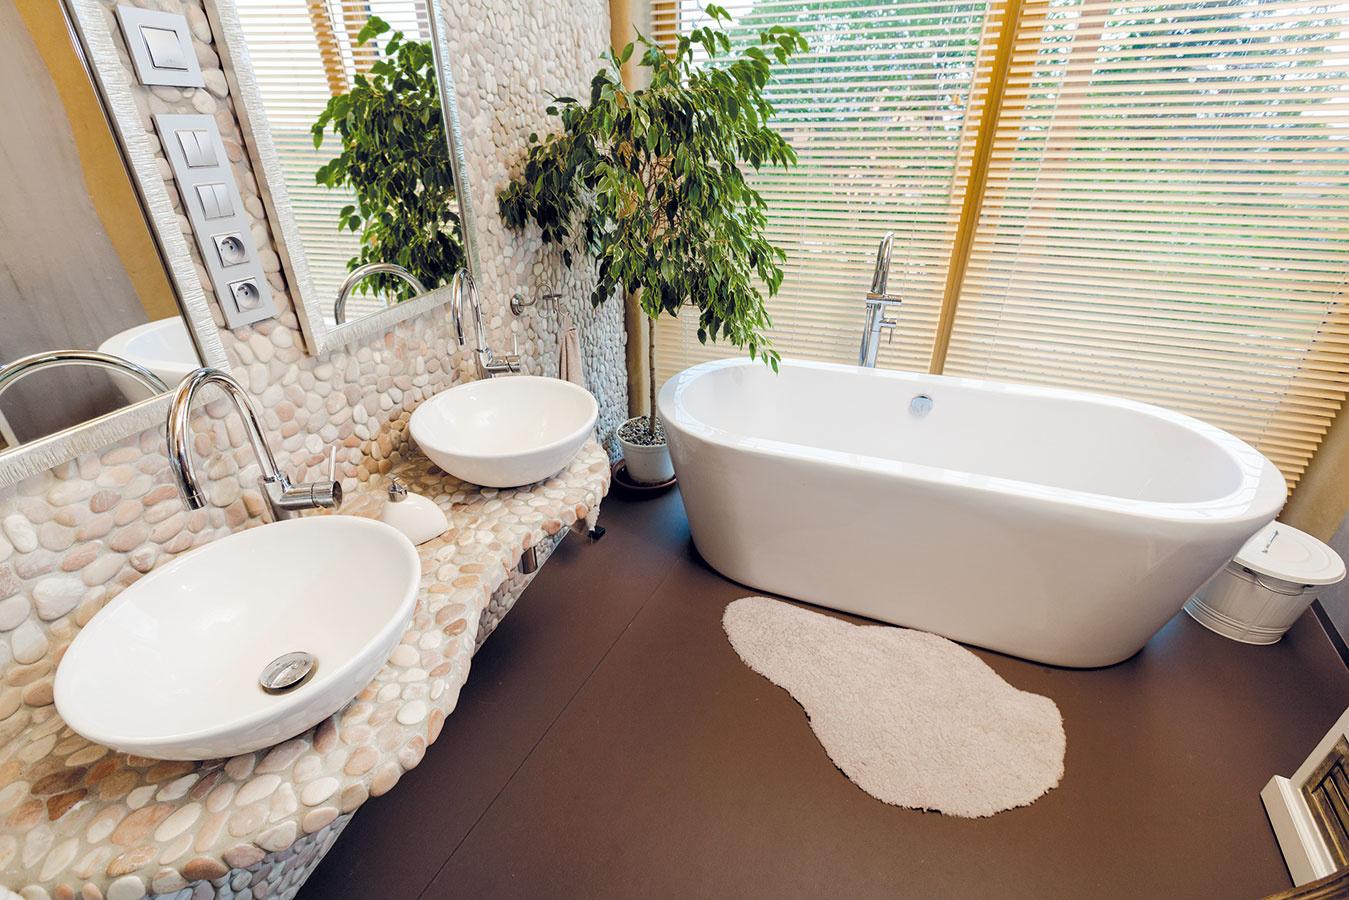 Hlavnej kúpeľni vyčlenili pomerne veľkorysý priestor. Upúta najmä netradičnou stenou apultom, ktoré tvoria väčšie okruhliaky. Keďže oslovení remeselníci nedokázali naplniť ich predstavu – chceli, aby jednotlivé kamene zo steny apultu vyčnievali –, pustili sa do realizácie sami.